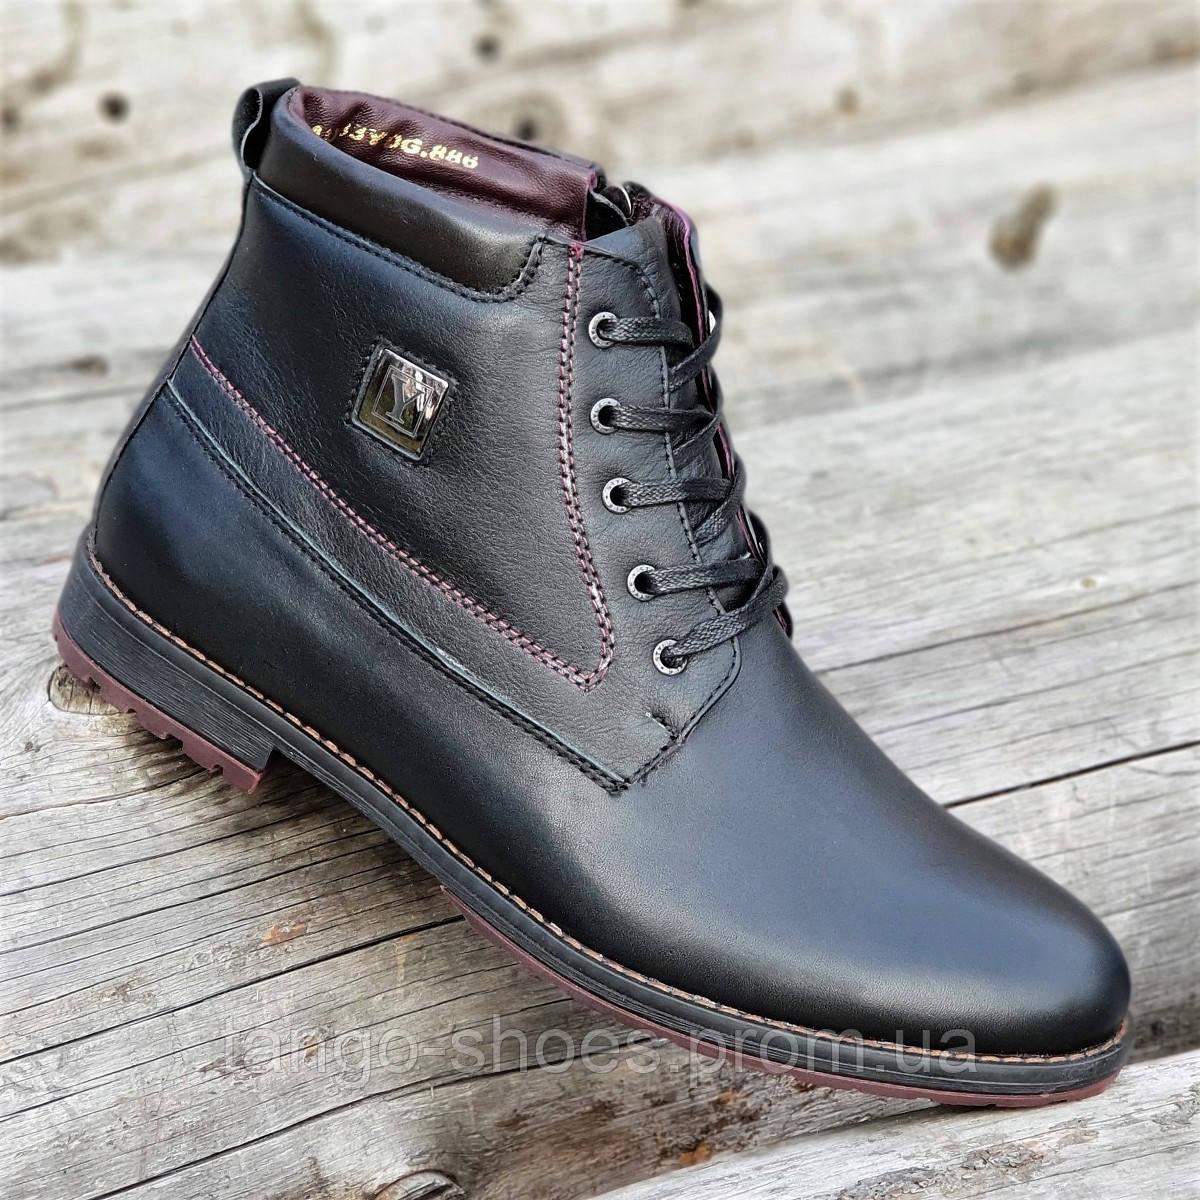 1209cb567 Мужские зимние ботинки классические на шнурках и молнии черные кожаные на  меху стильные (Код: